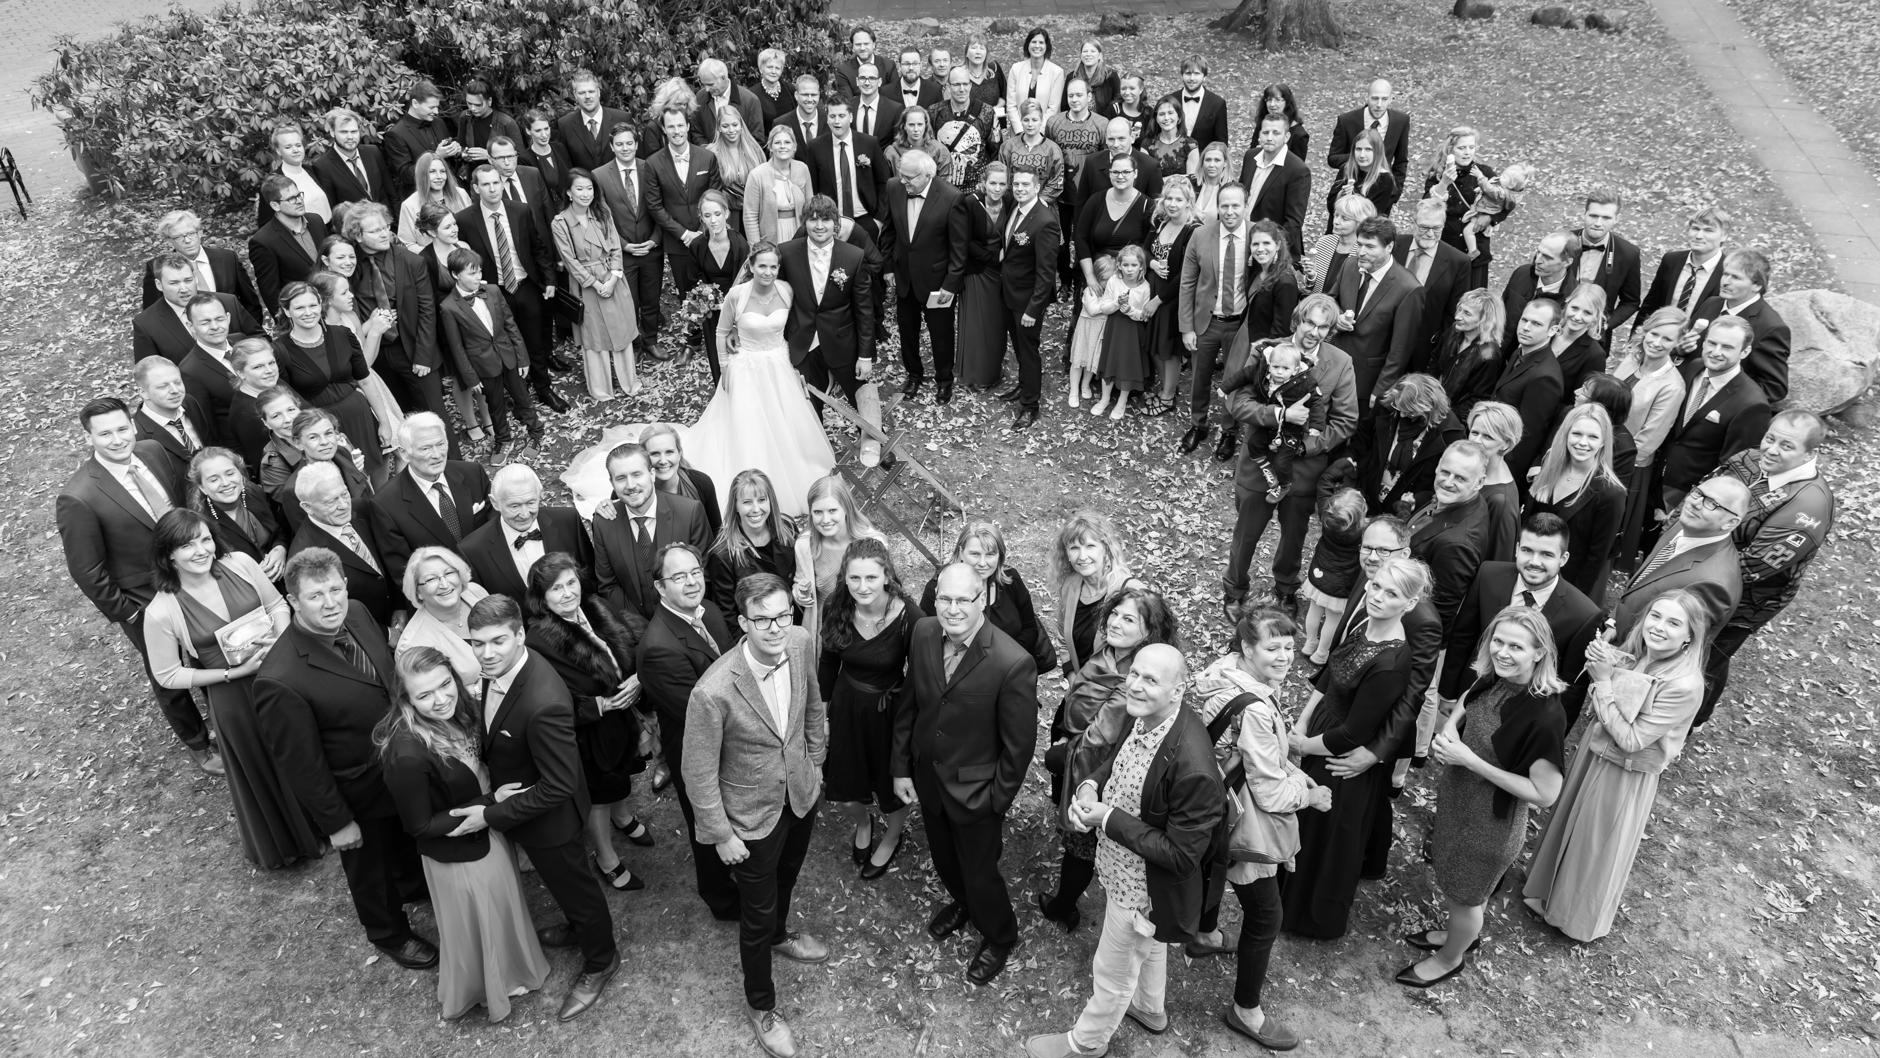 Gruppenfoto vom Kirchendach